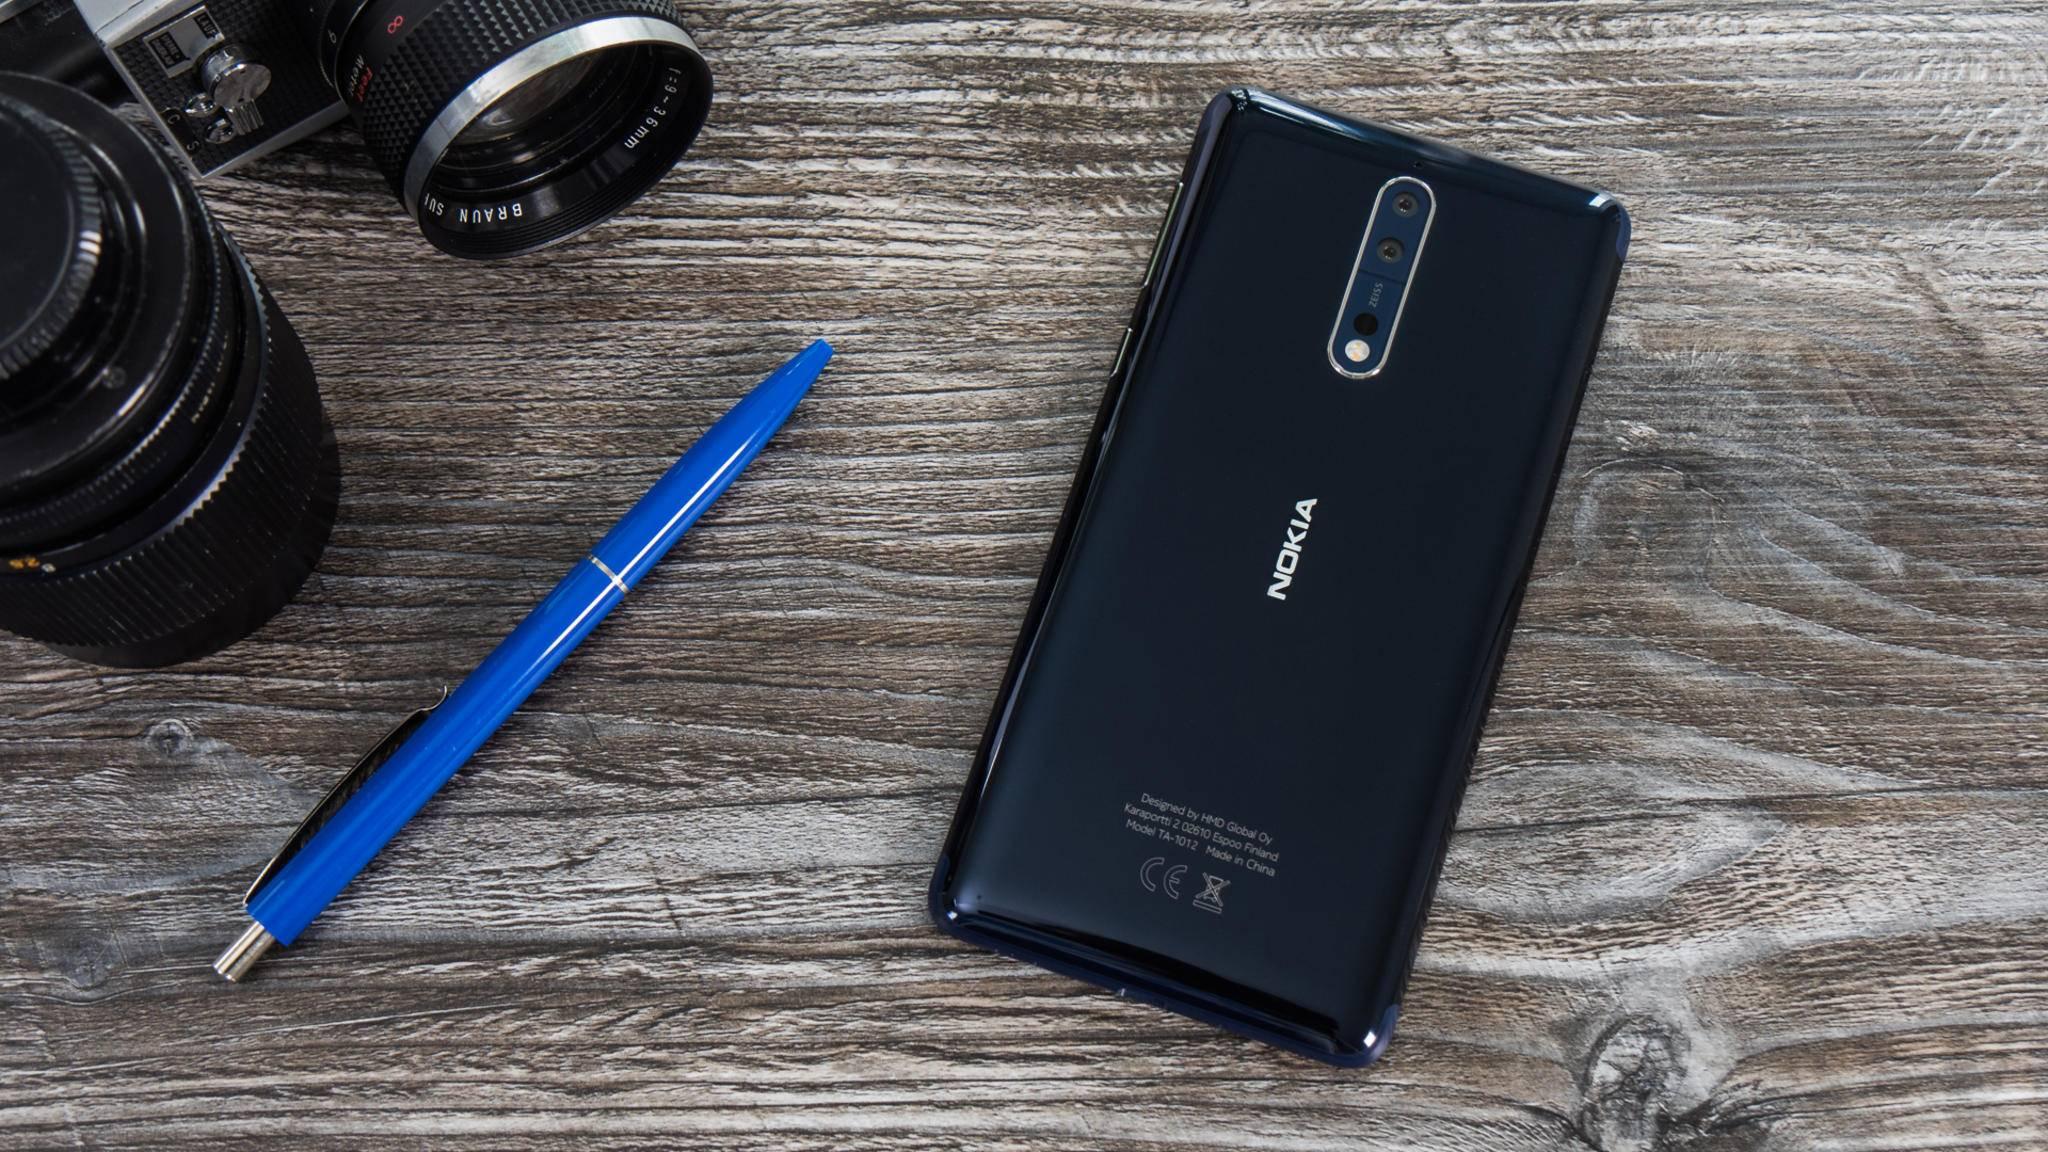 Nokia-8-06-170822